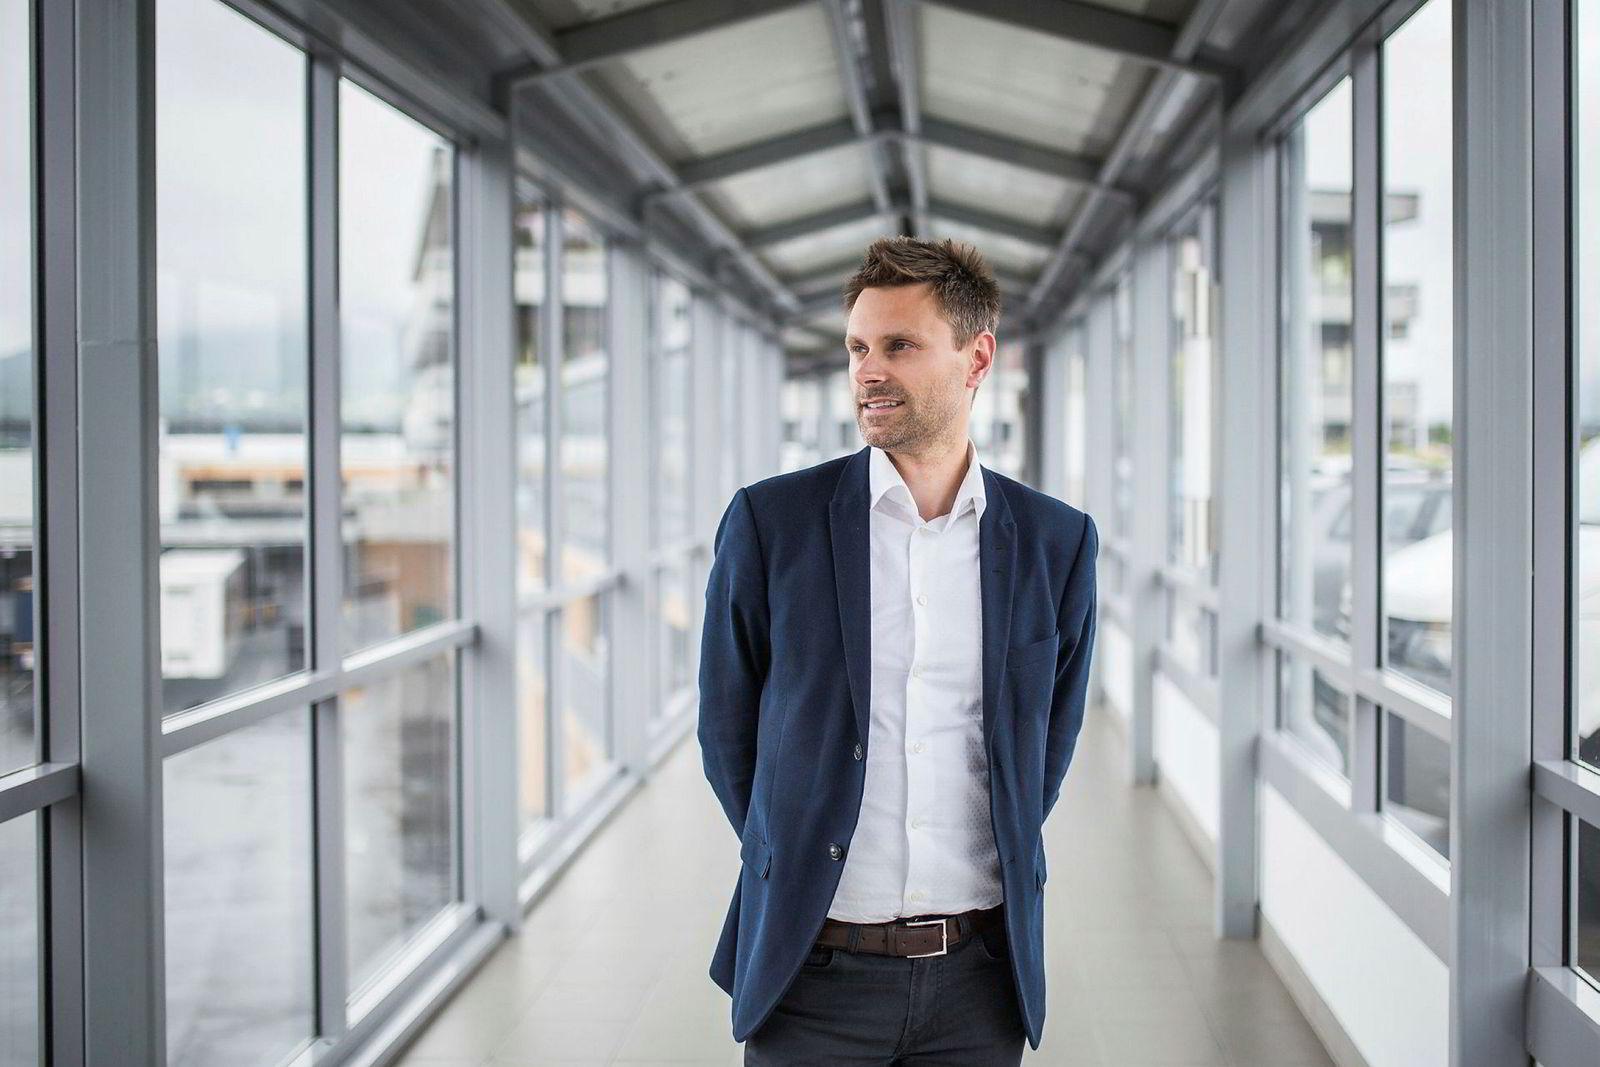 Ekornes ansatte i fjor en egen digitaldirektør for første gang. Øystein Vikingsen Fauske forteller at jobben omfatter hele verdikjeden, ikke bare robotisering av produksjonen, en prosess som fortsetter.